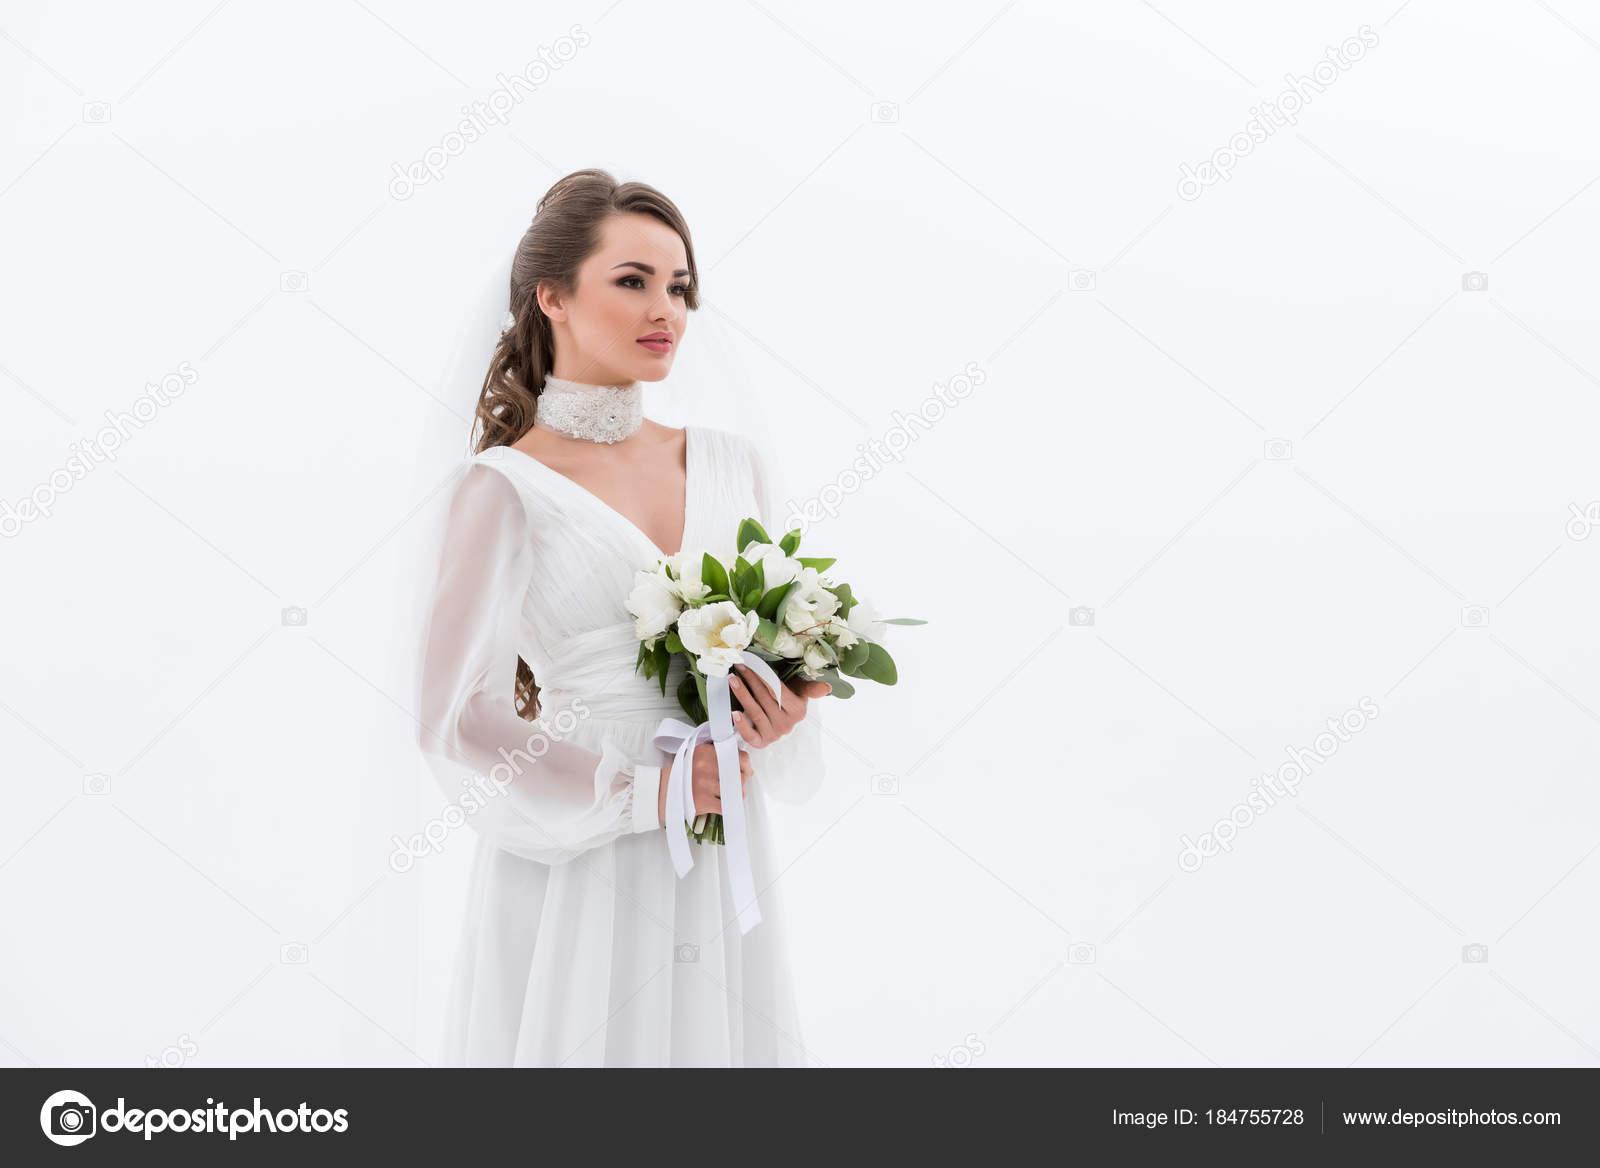 Attraktive Braut Traditioneller Tracht Mit Brautstrauss Isoliert Auf